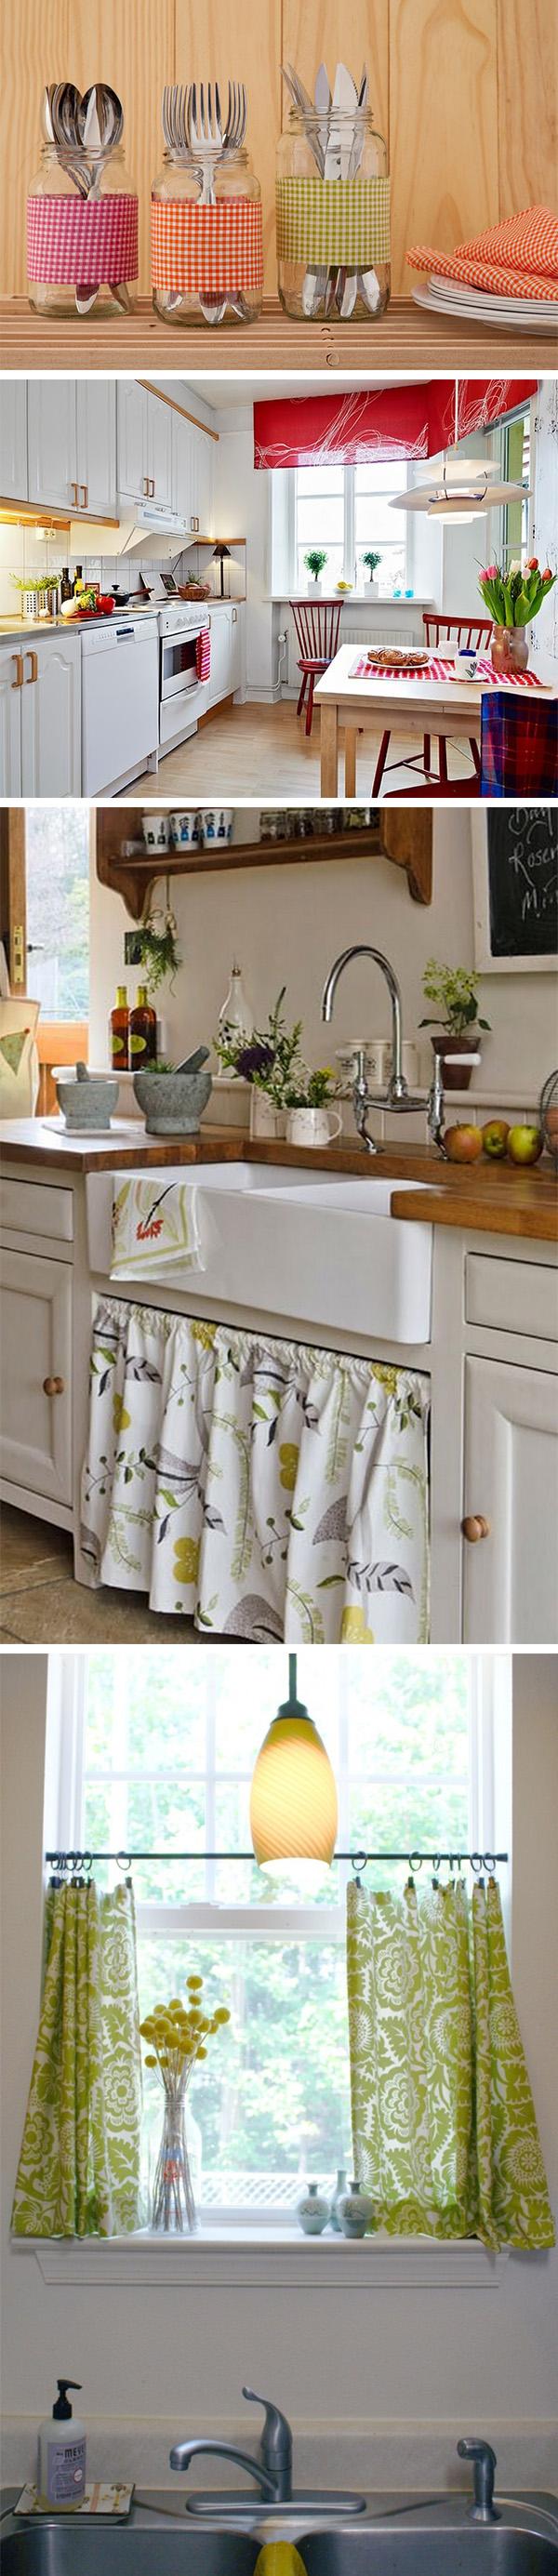 Ideias econômicas para decorar a cozinha 5